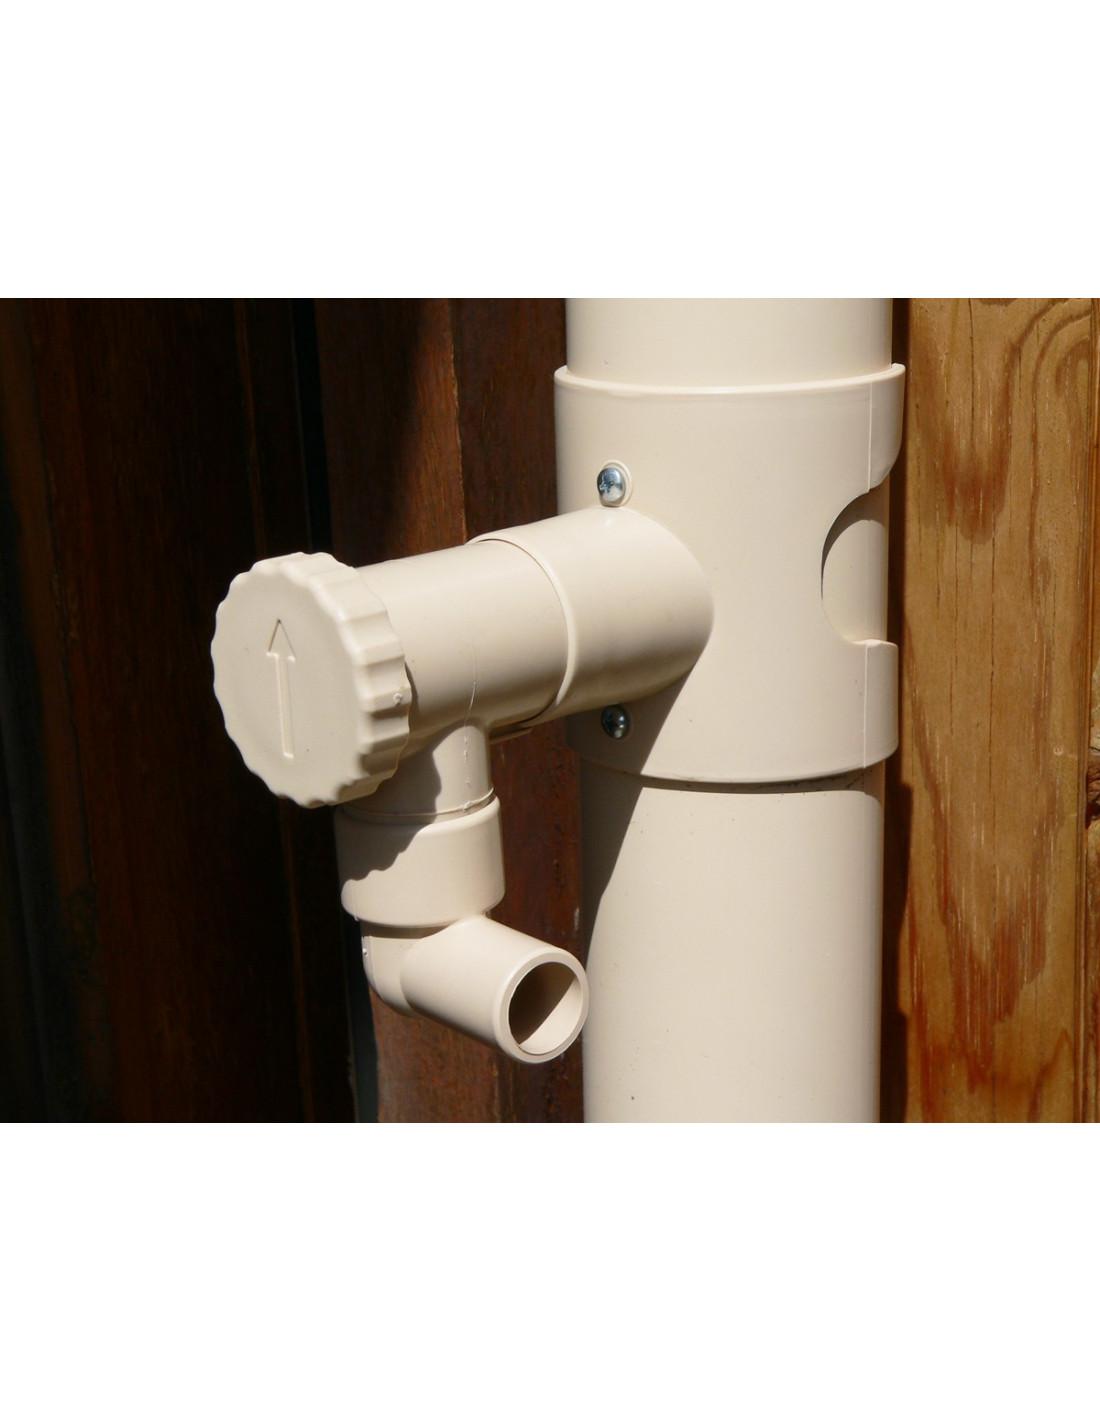 kit collecteur eau de pluie capt 39 eau sable. Black Bedroom Furniture Sets. Home Design Ideas